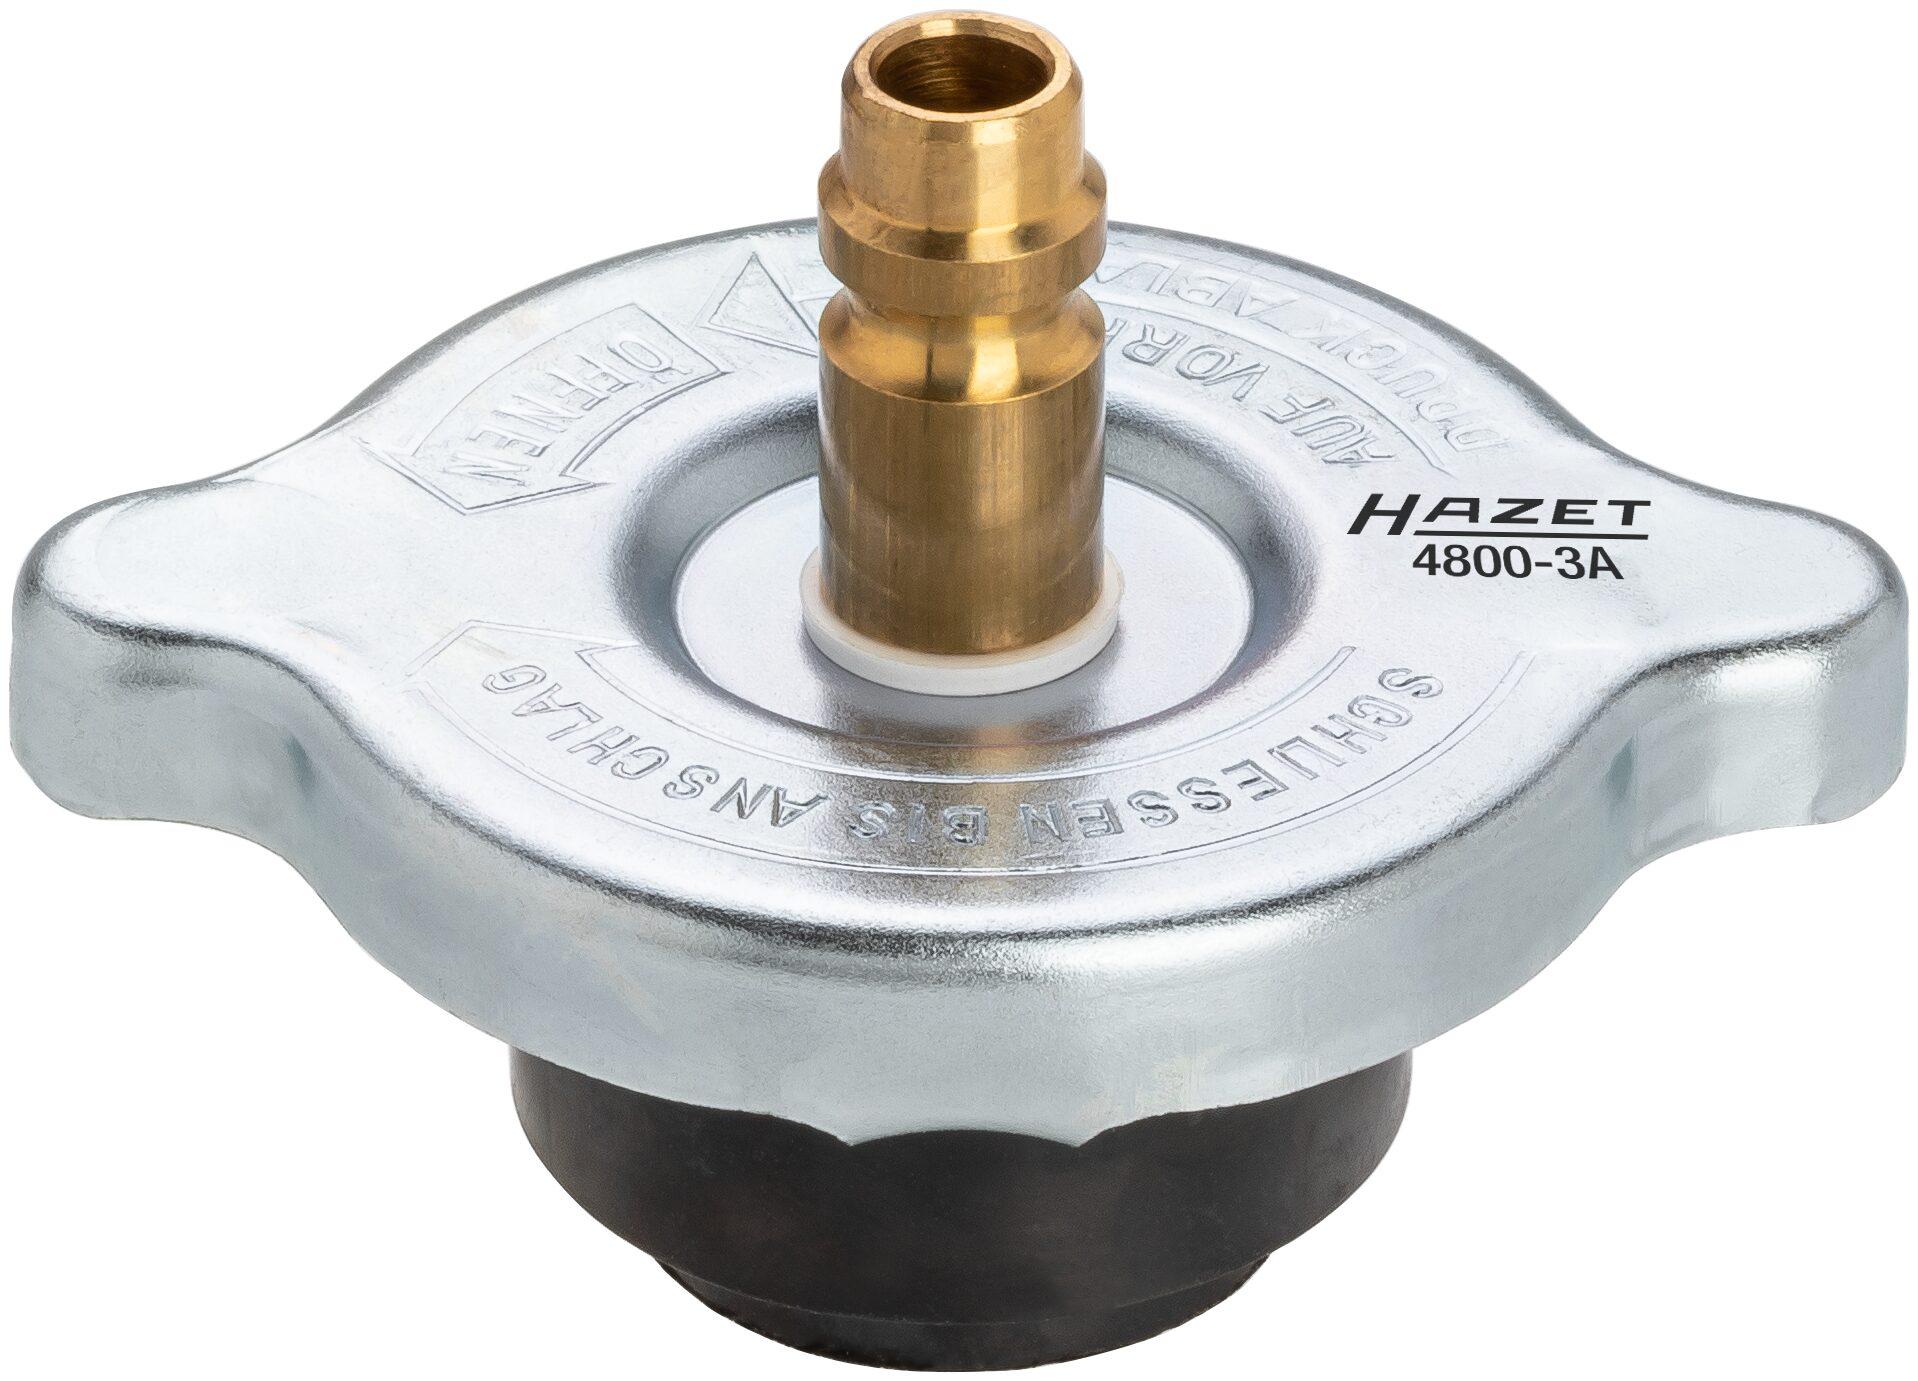 HAZET Kühlerpumpe und -adapter 4800-3